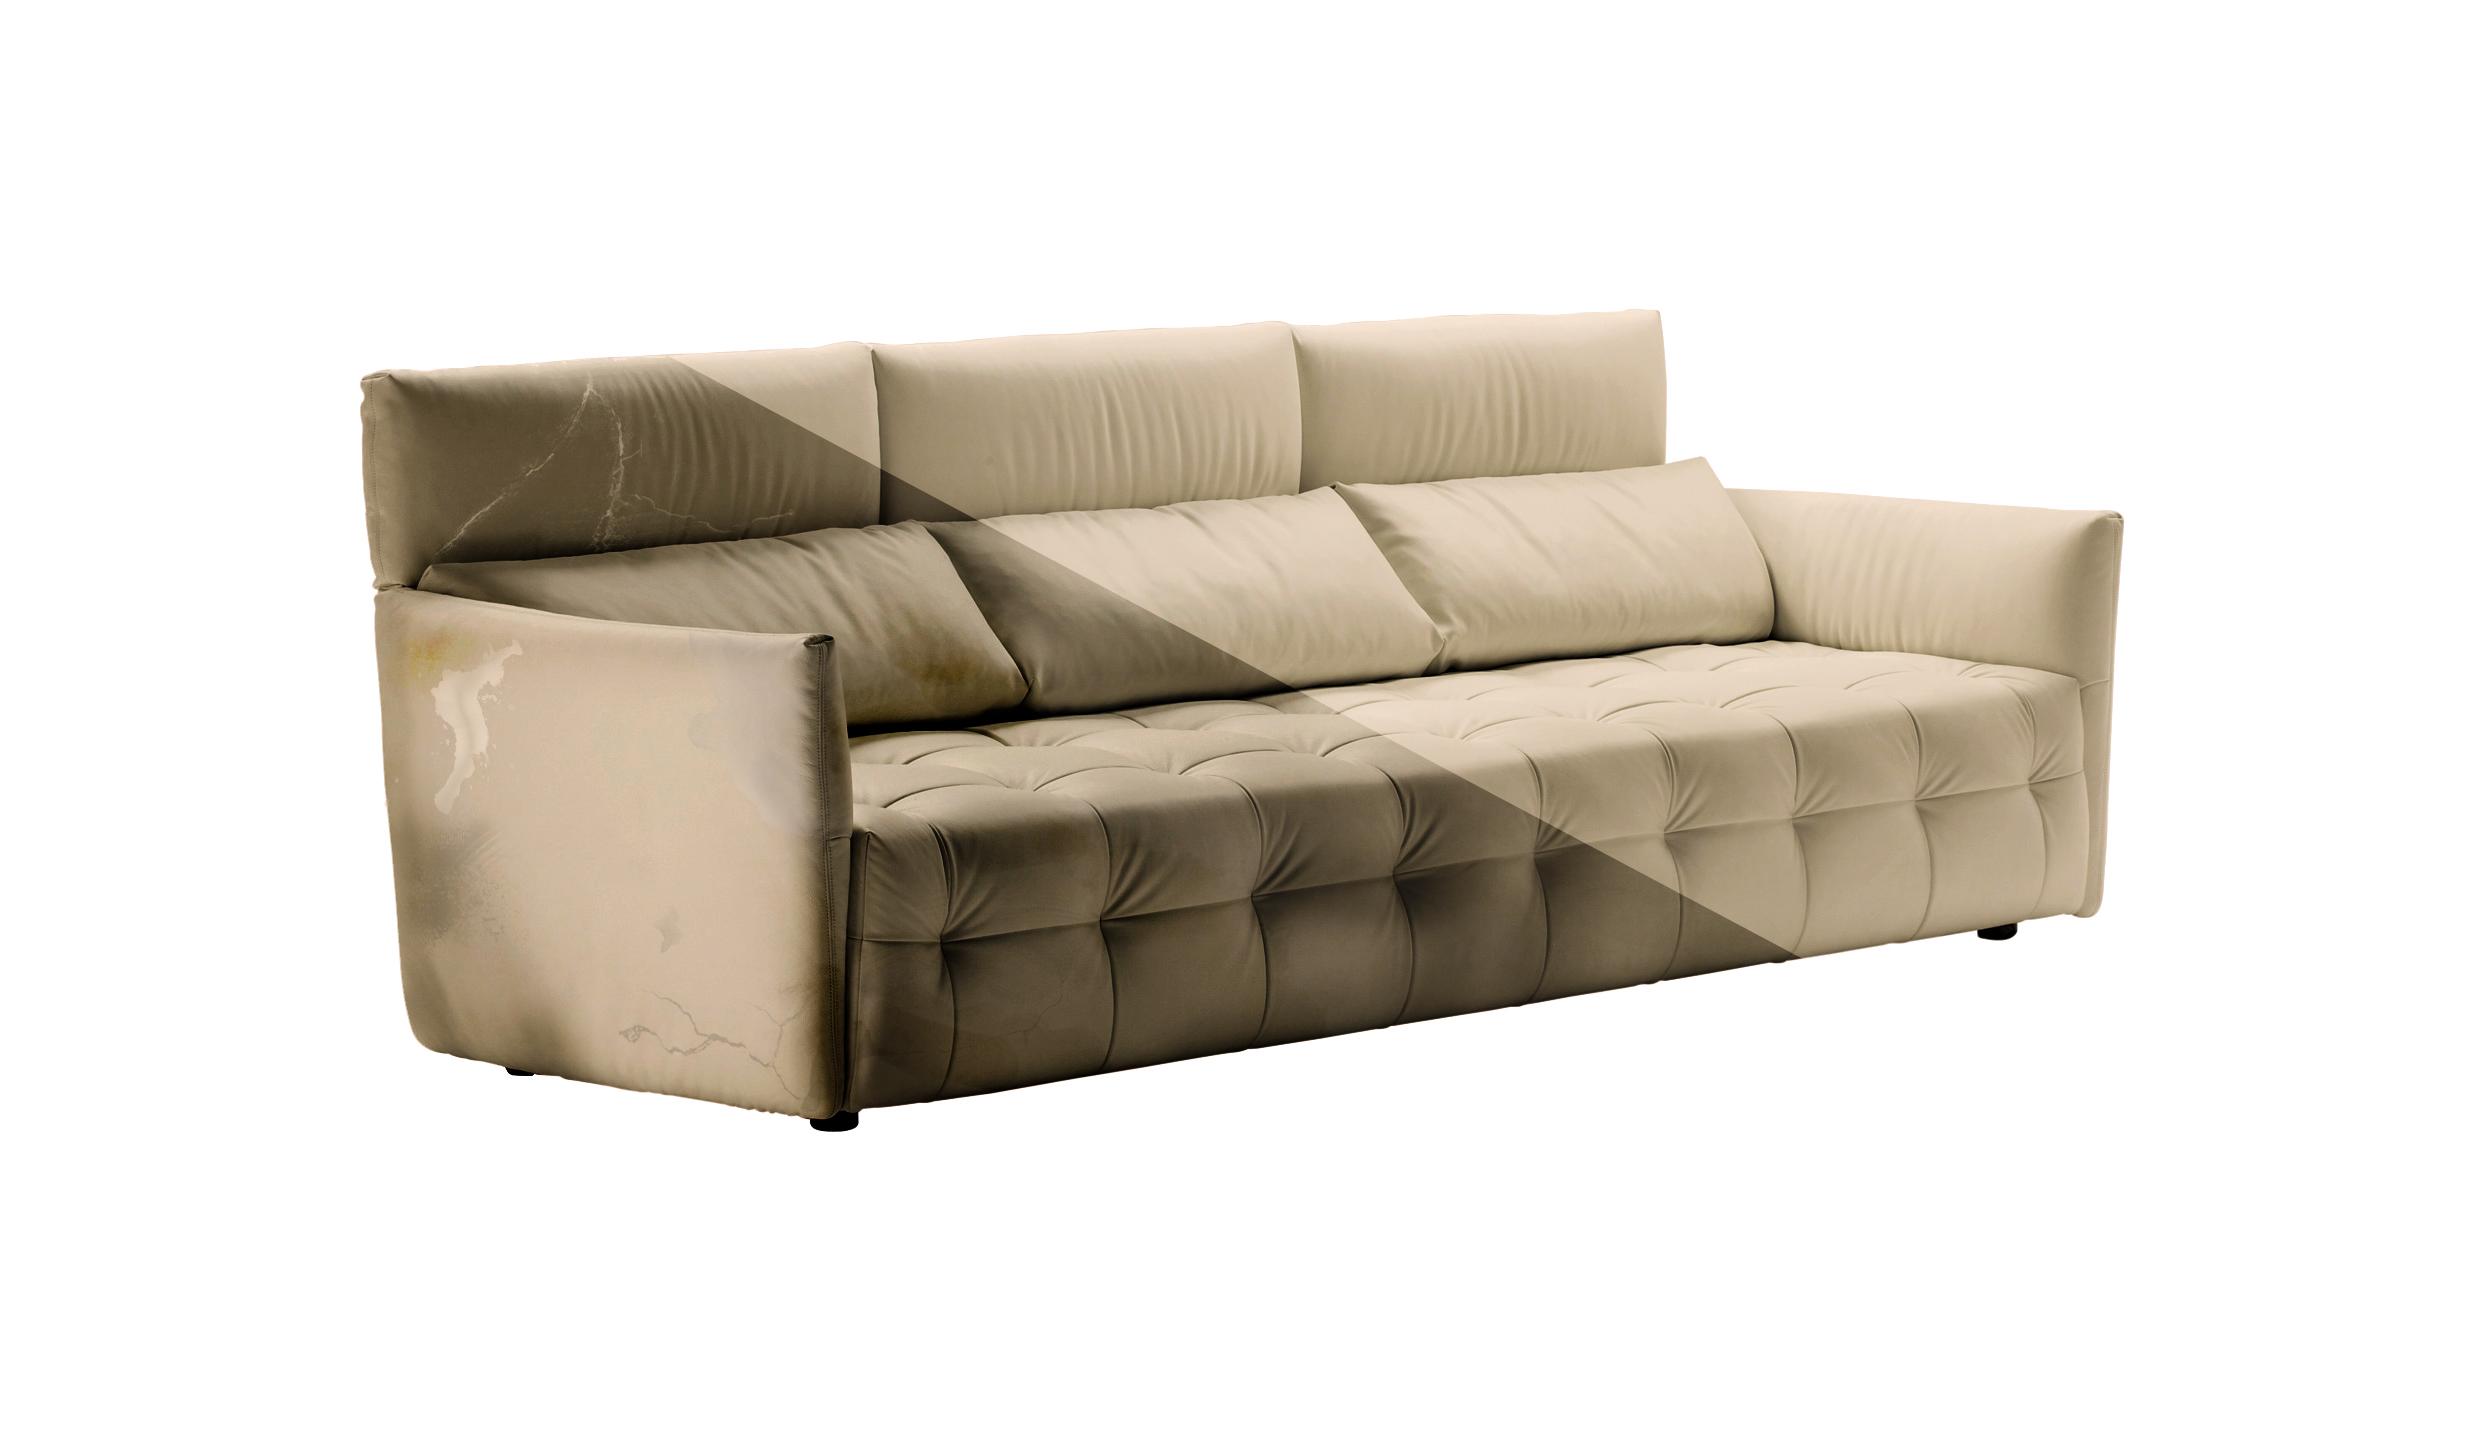 Divani stoffa pulizia idee per il design della casa - Prodotti per pulire il divano in tessuto ...